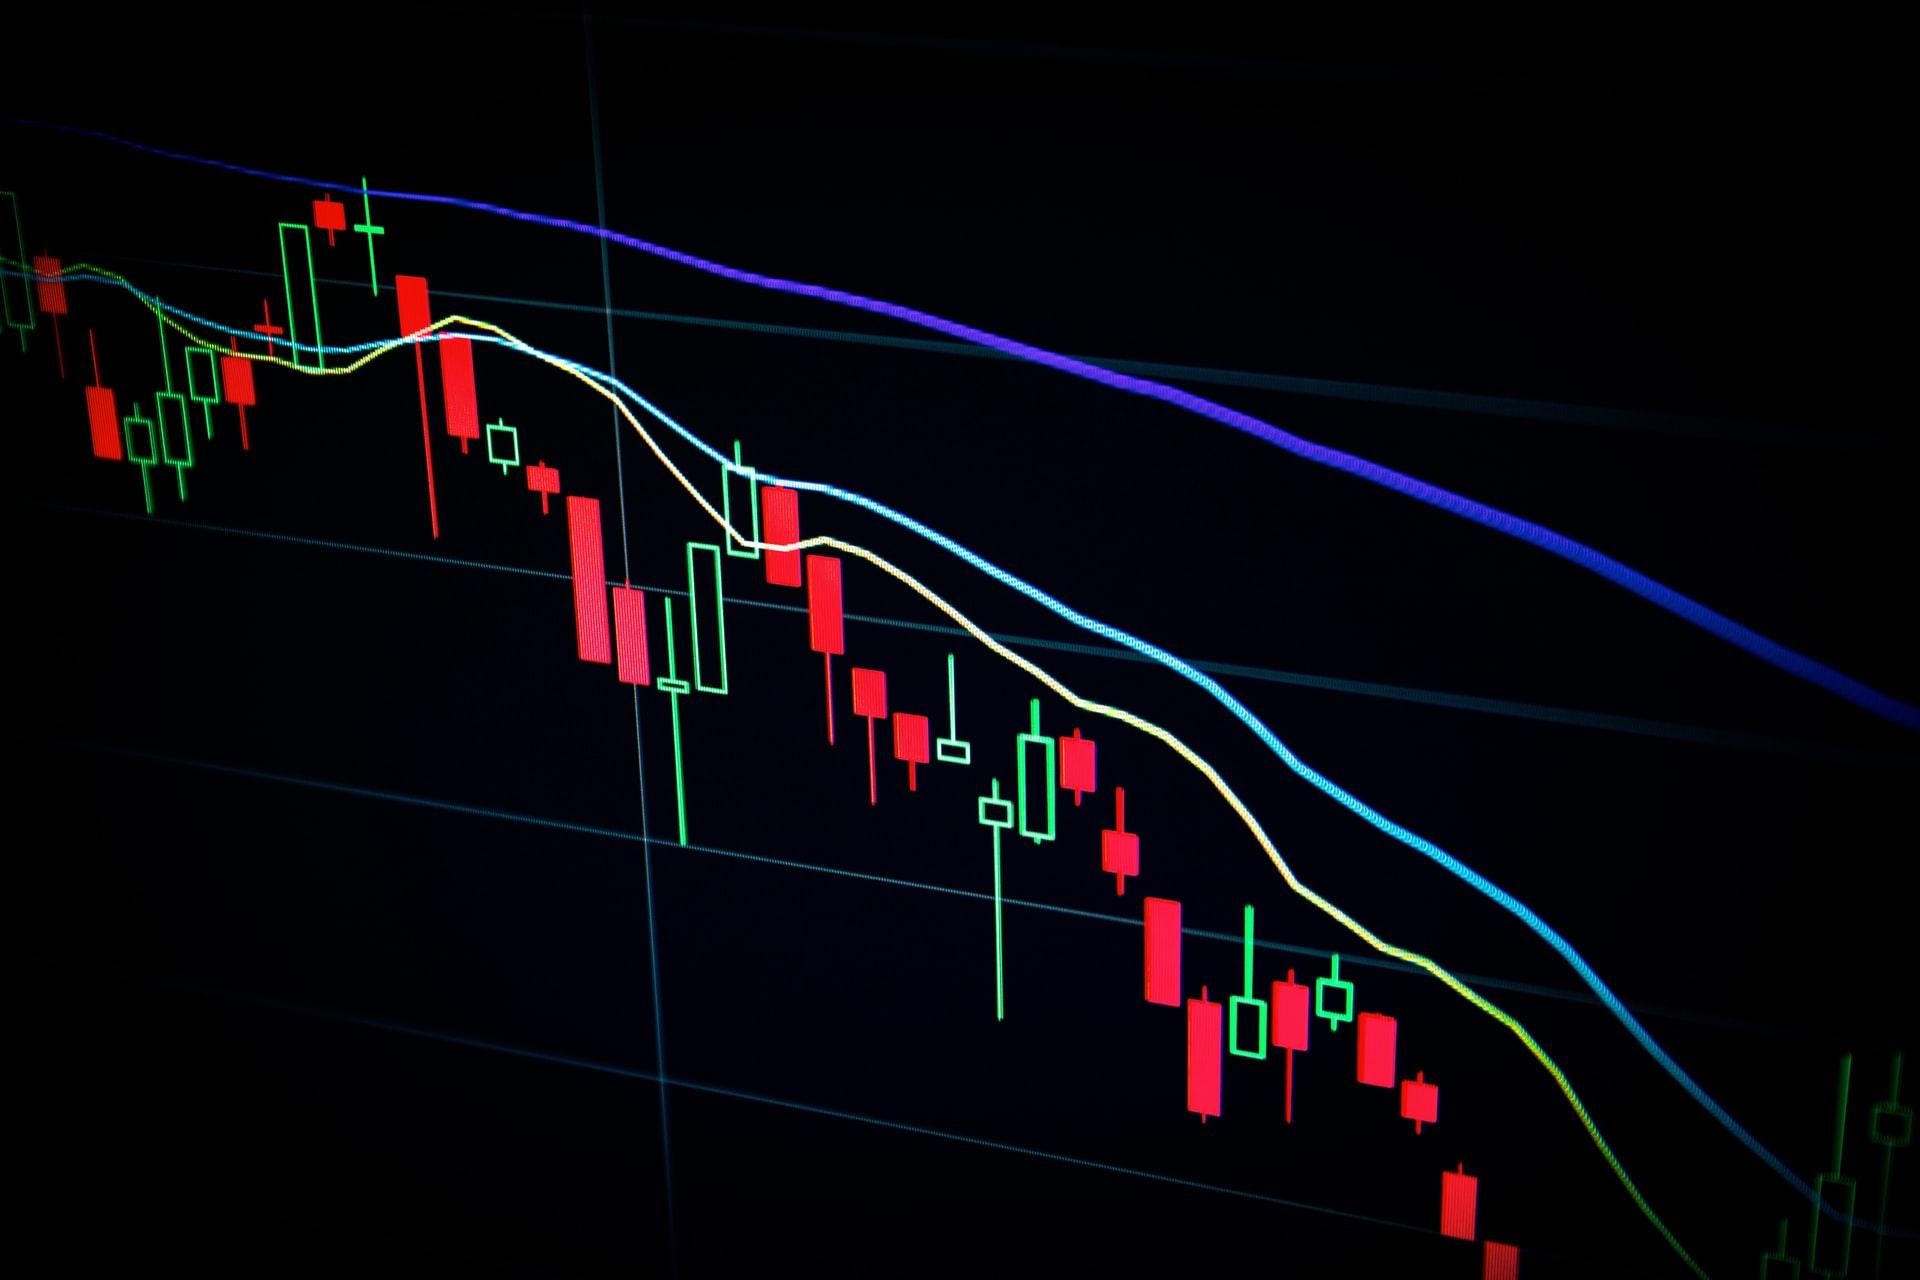 Impact on stock